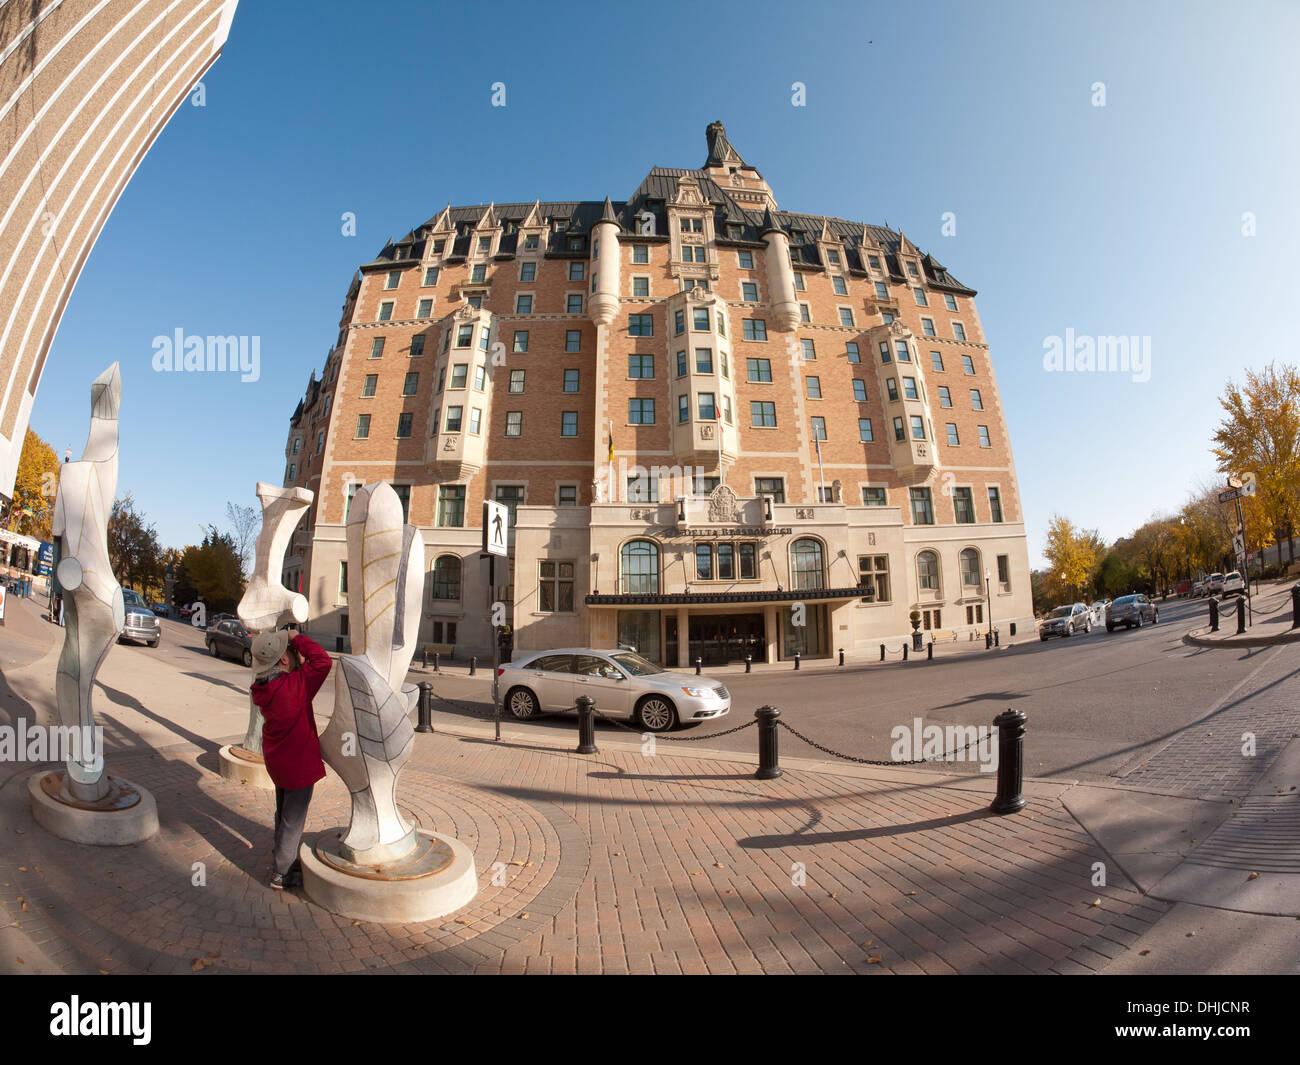 A fisheye view of the Delta Bessborough Hotel in downtown Saskatoon, Saskatchewan, Canada. - Stock Image